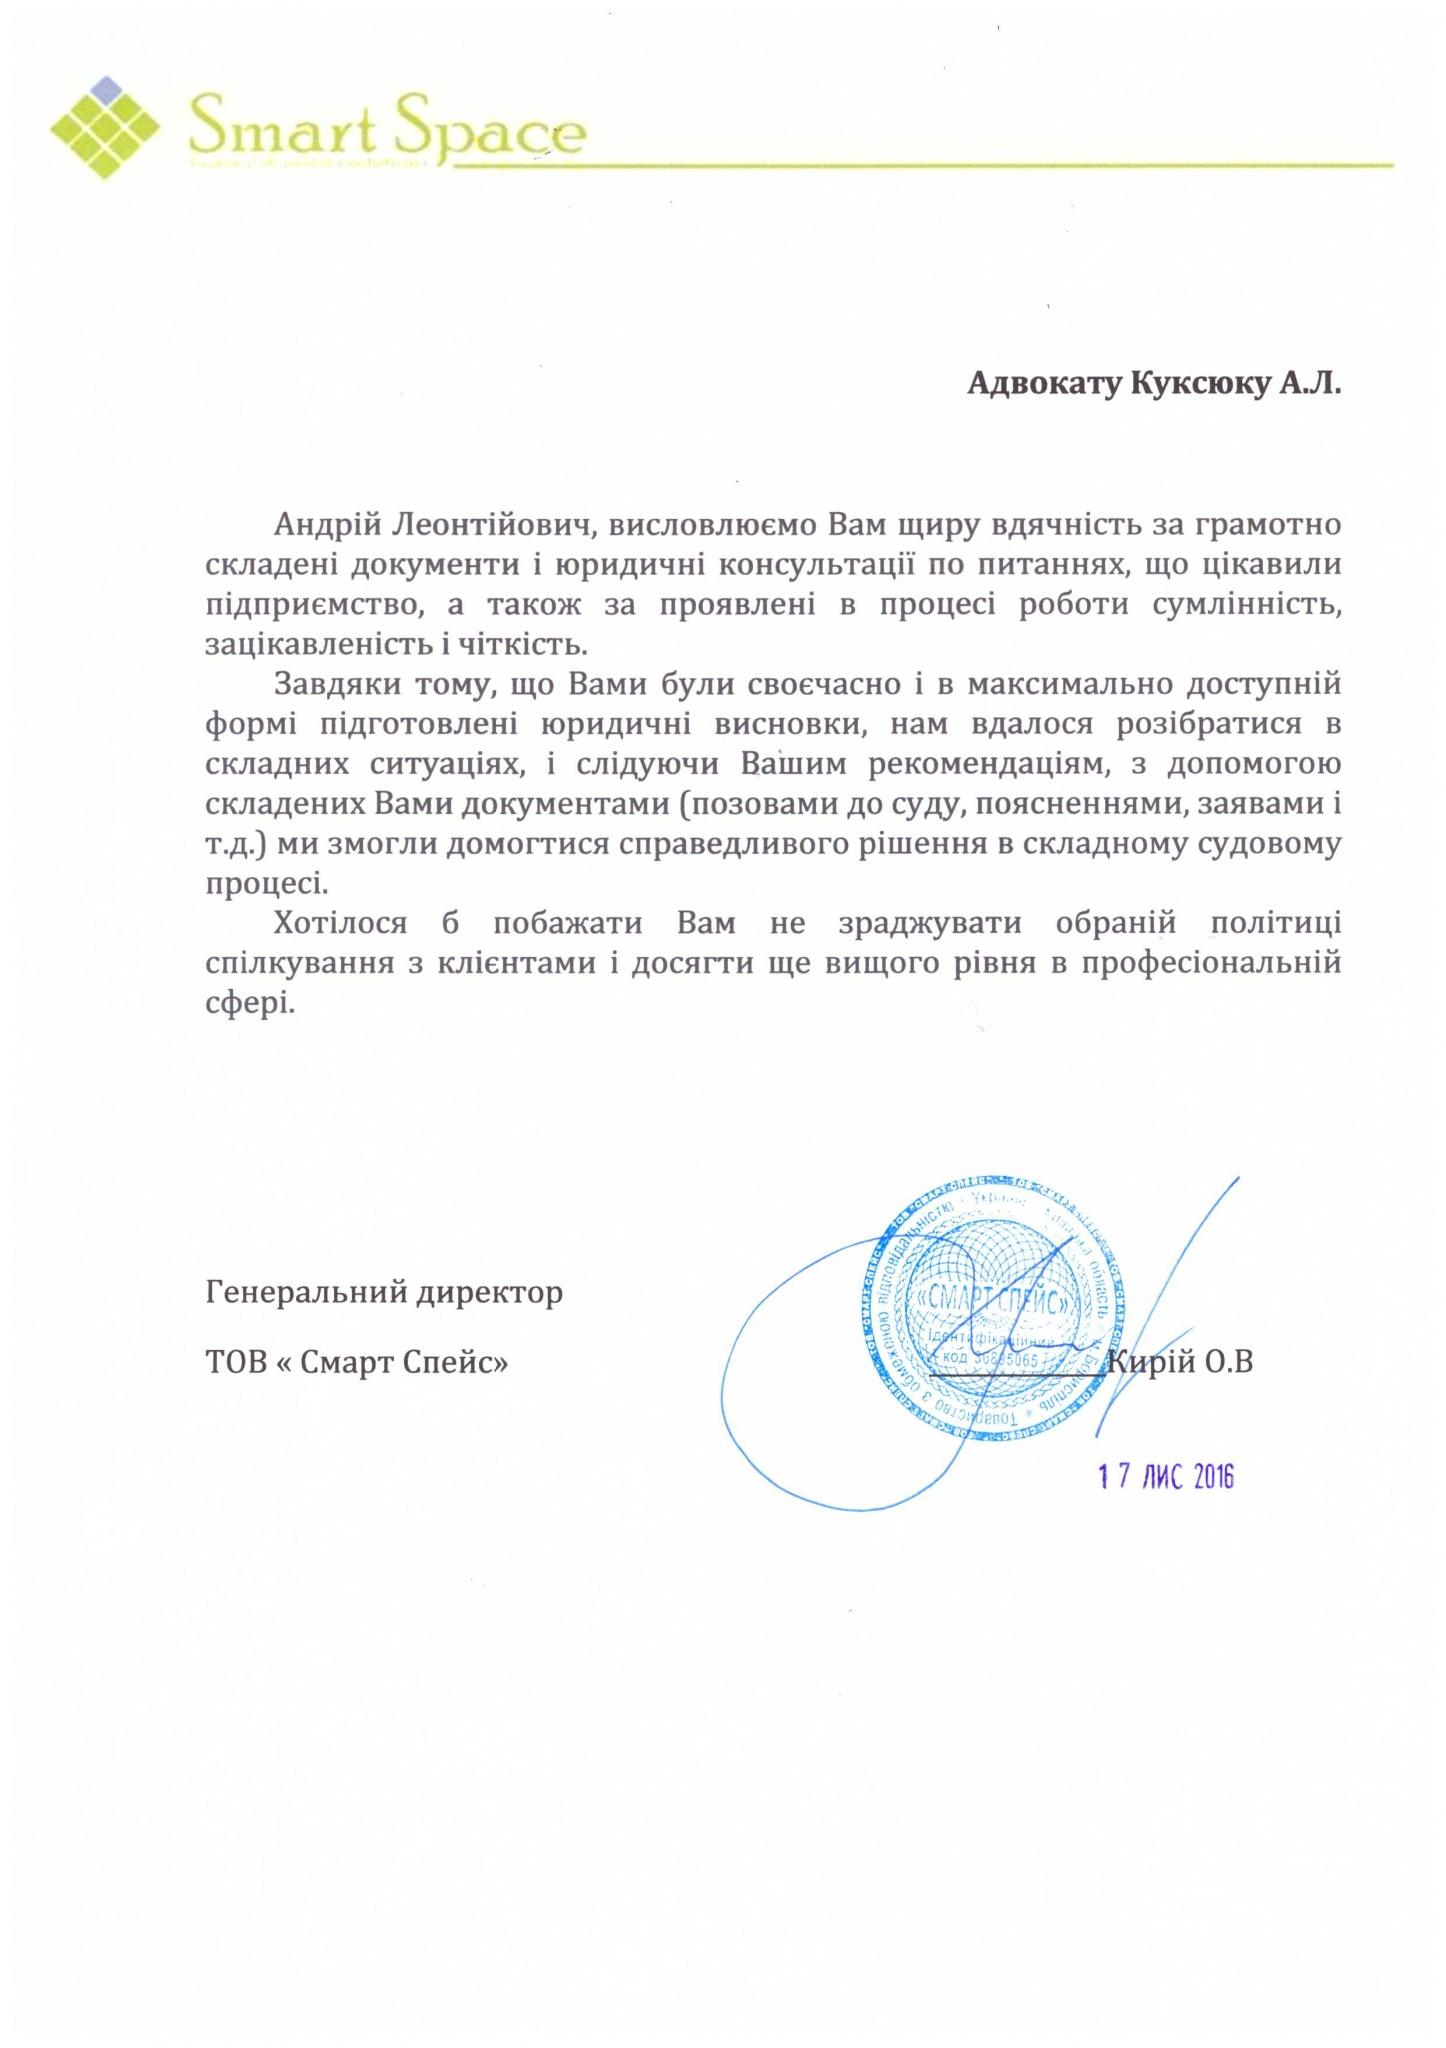 Рекомендаційний лист від Товариства з обмеженою відповідальністю «СМАРТ СПЕЙС»